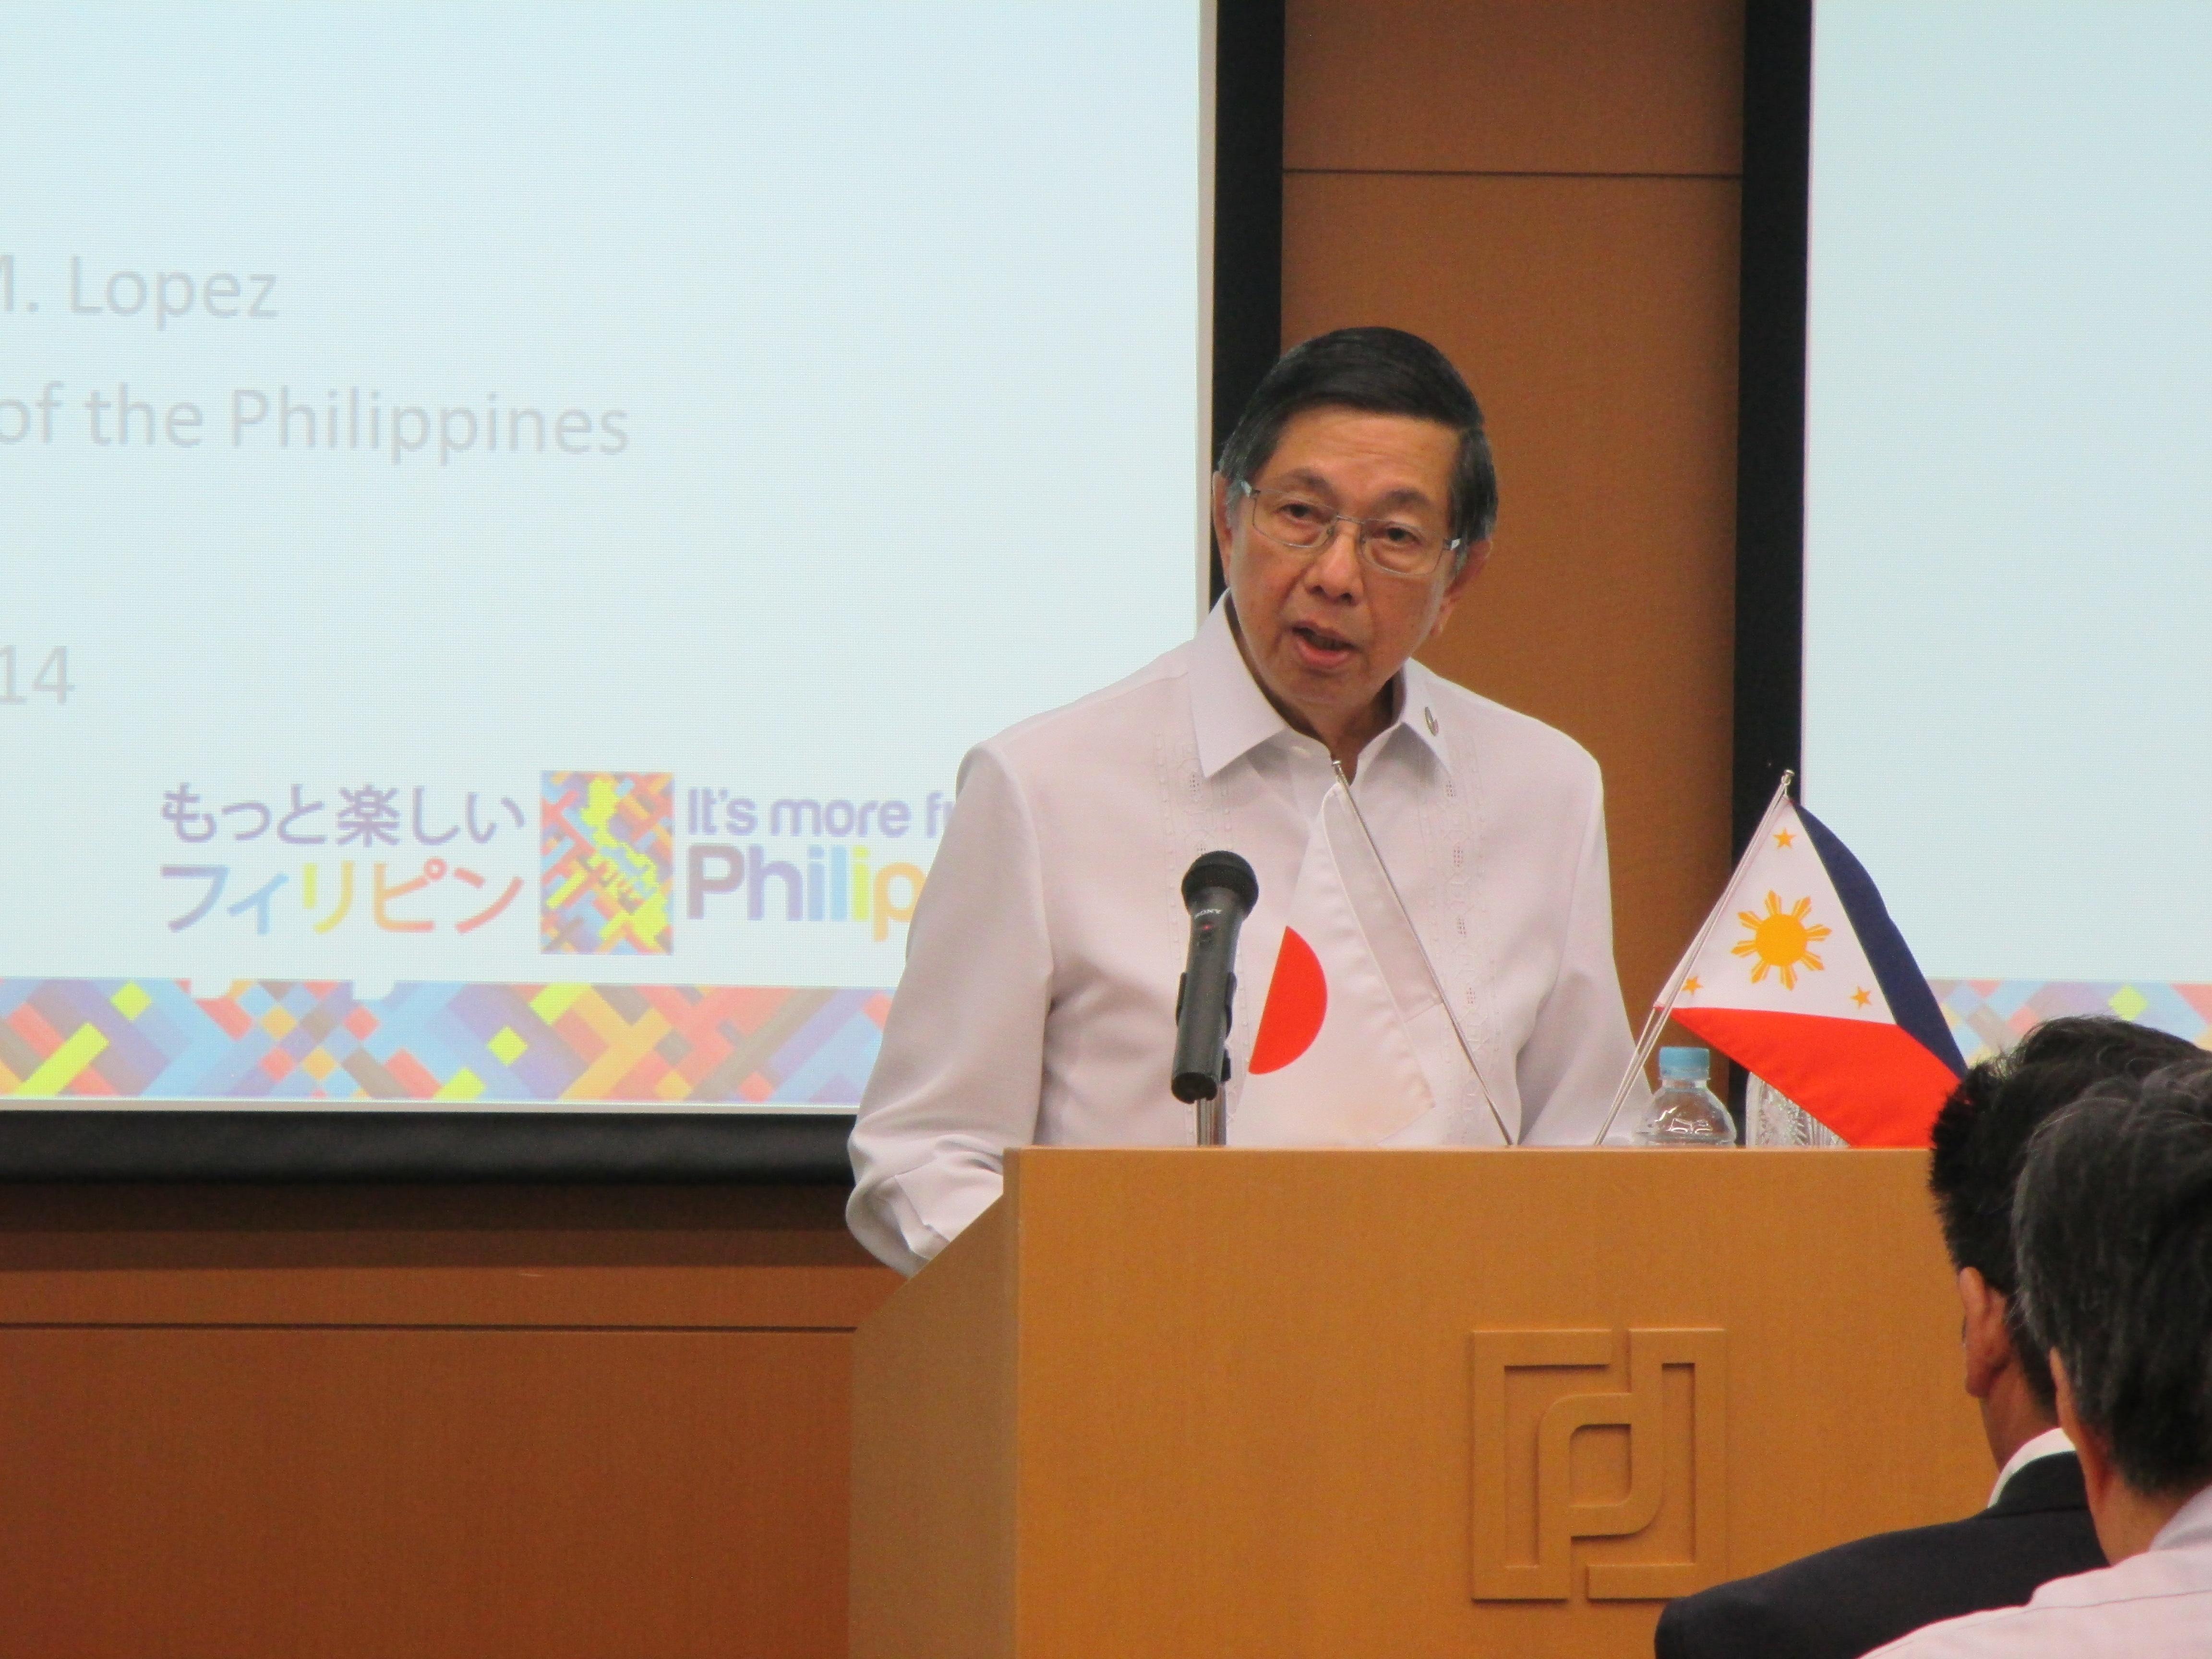 駐日フィリピン共和国 特命全権大使 マヌエル・モレノ・ロペス閣下